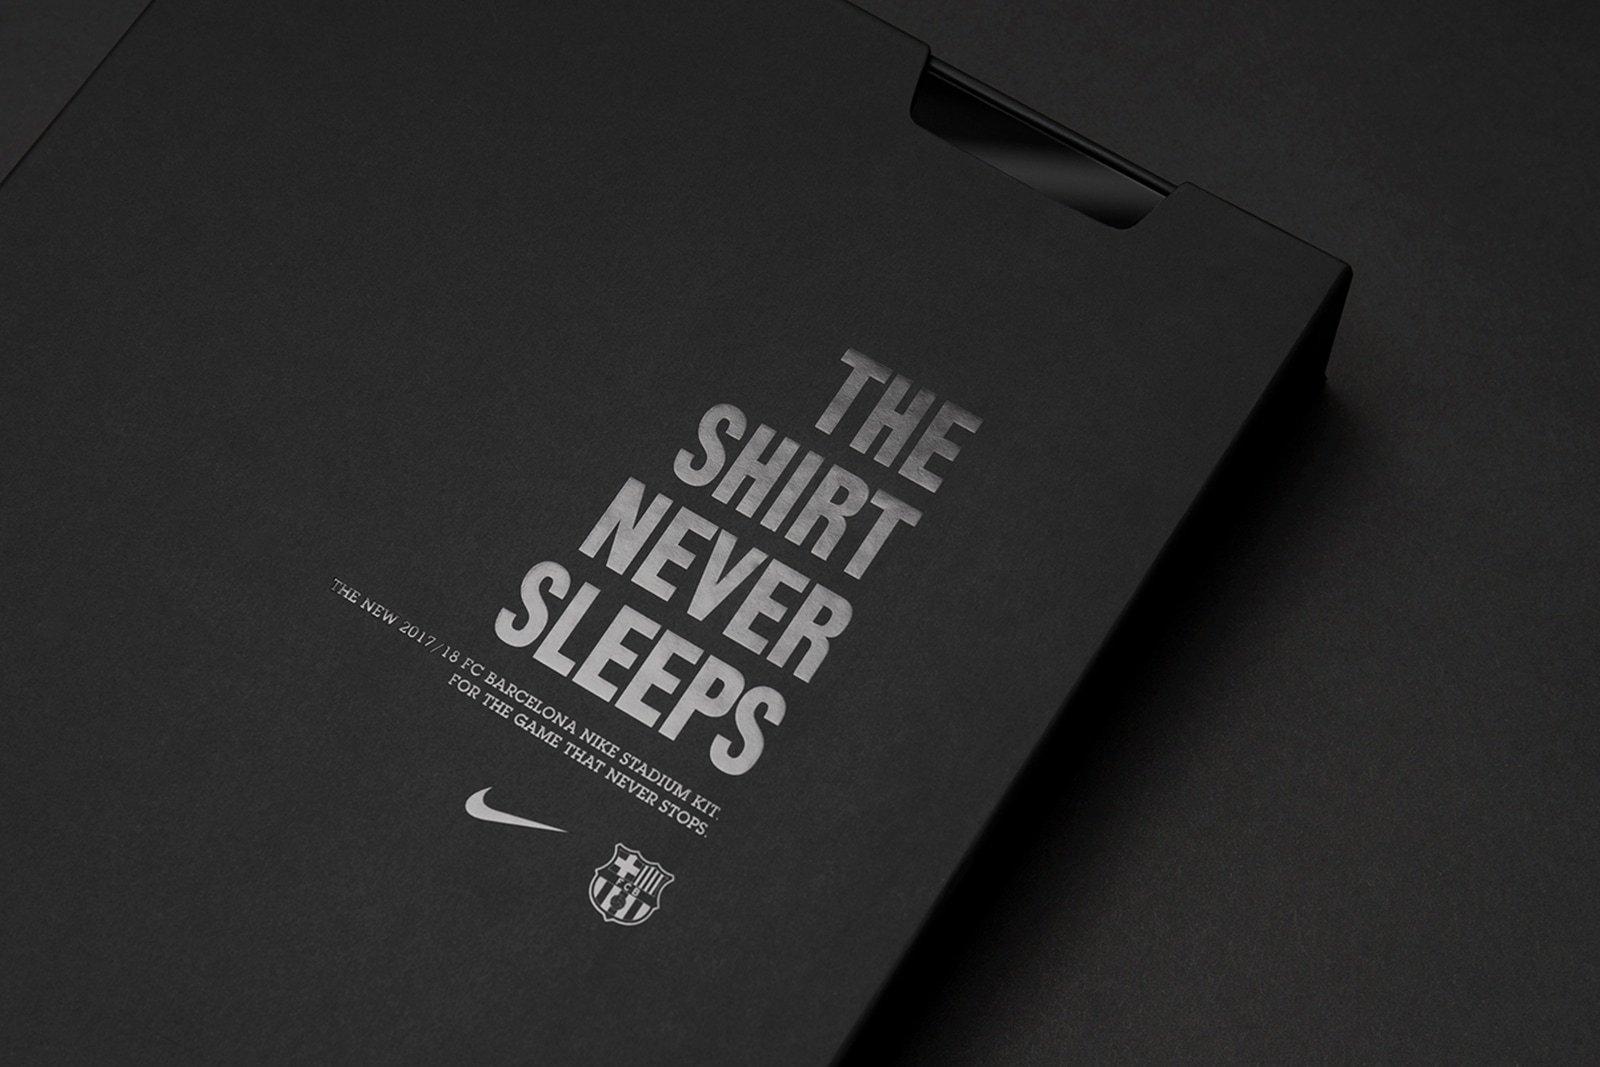 Oxigen_-The-Shirt-That-Never-Sleeps-01-1600x1067.jpg